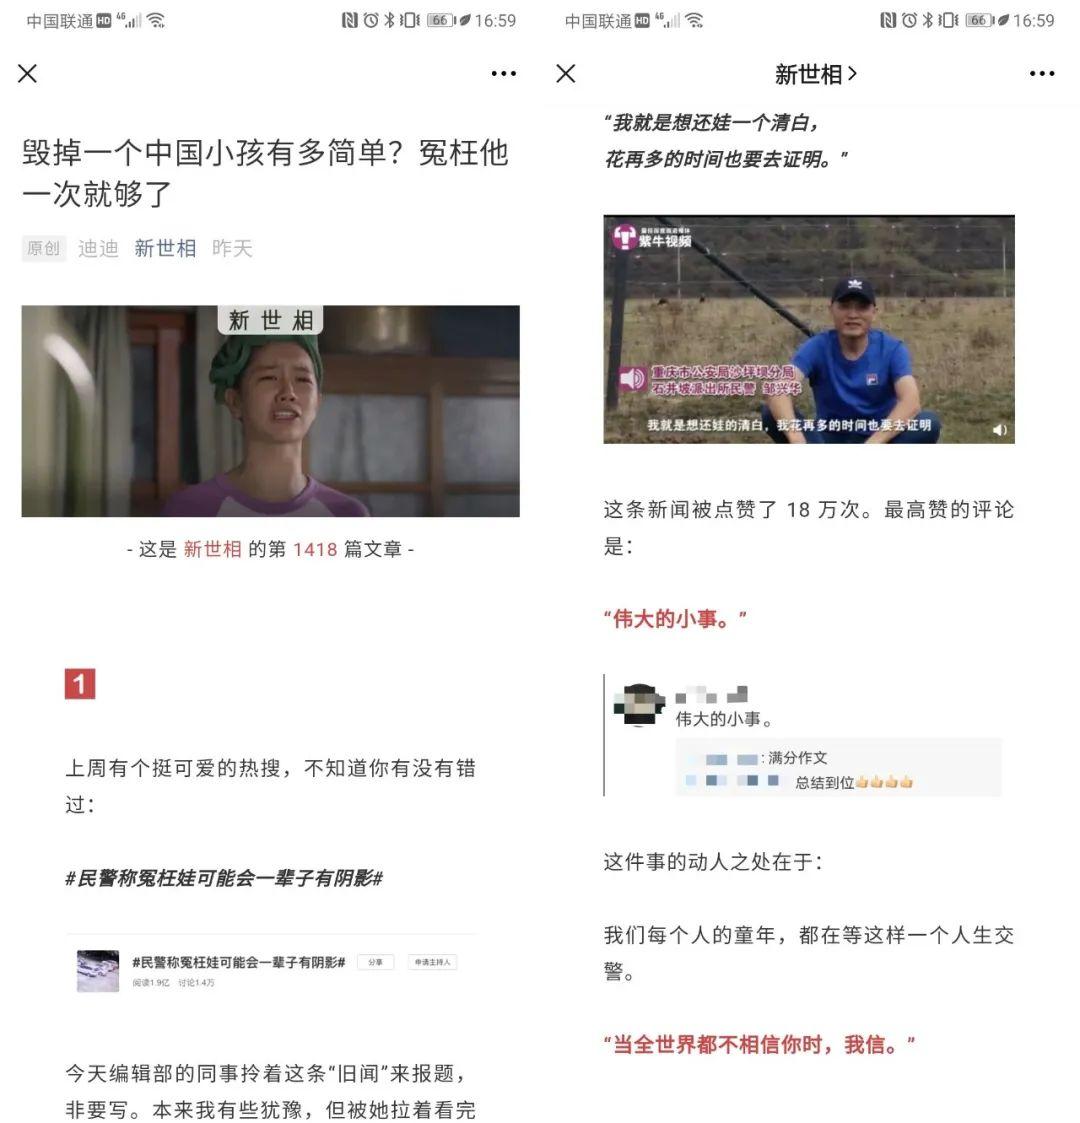 毁掉一个中国小孩有多简单?新世相一文获4486个在看 今日爆款-第4张图片-周小辉博客